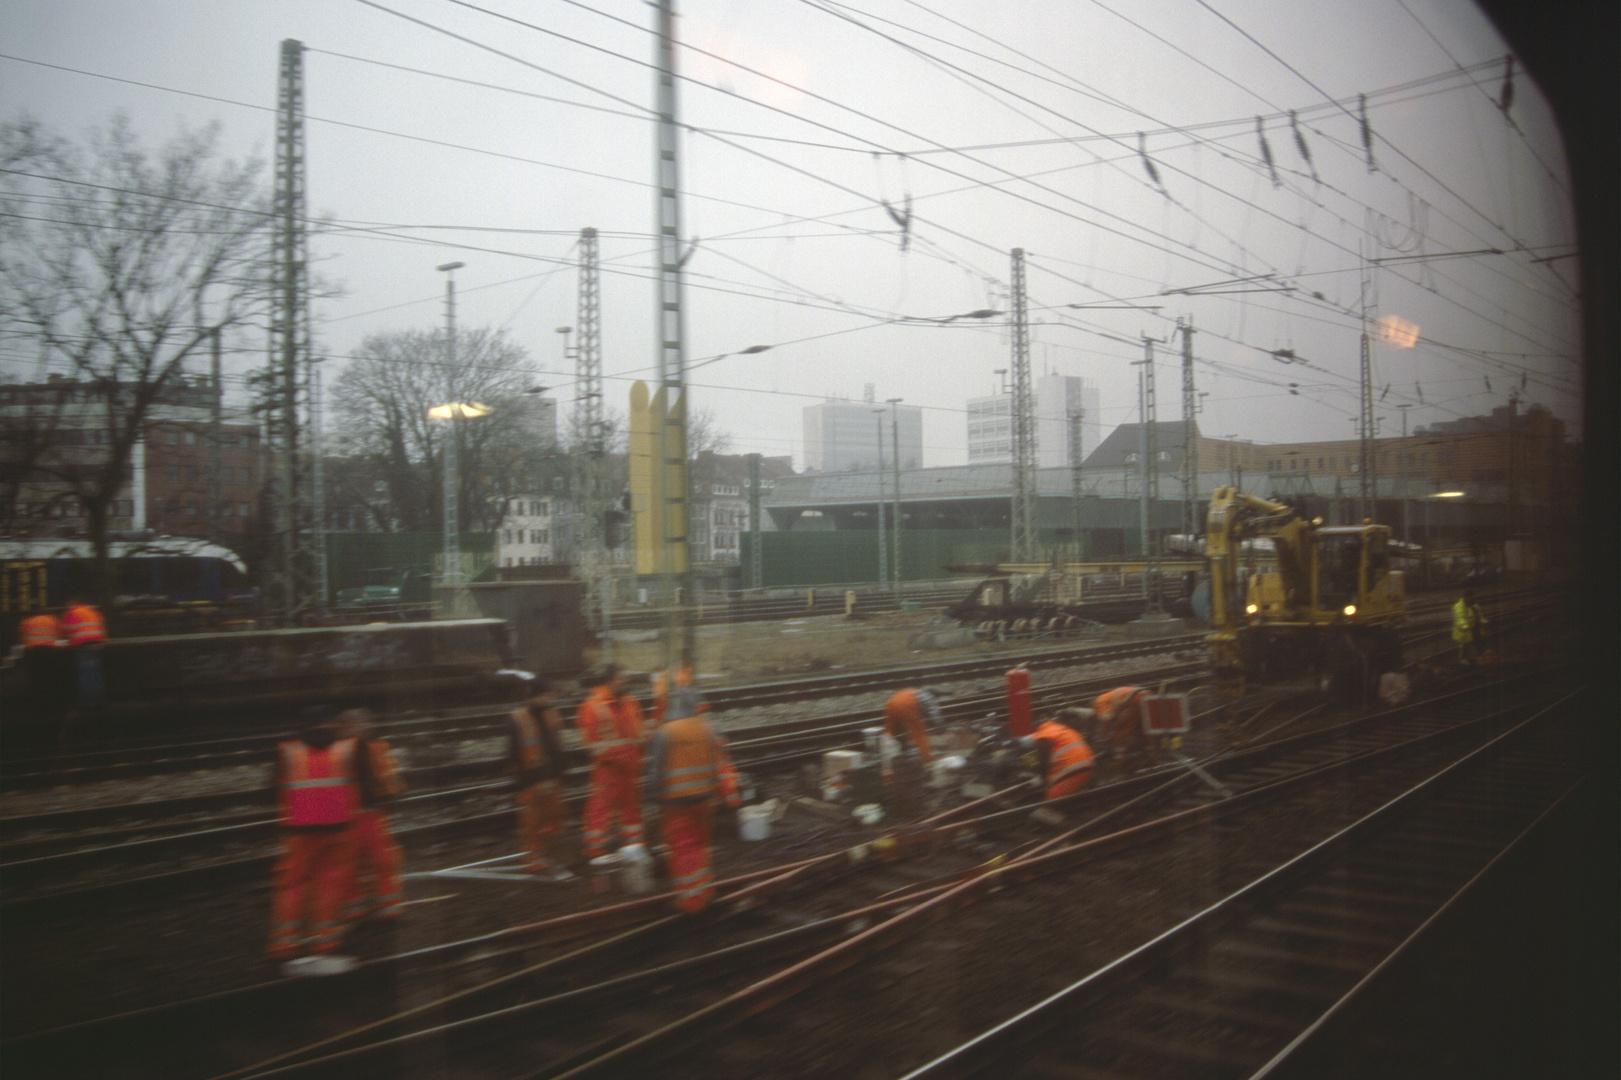 Bremer Zugünglück Februar 2013